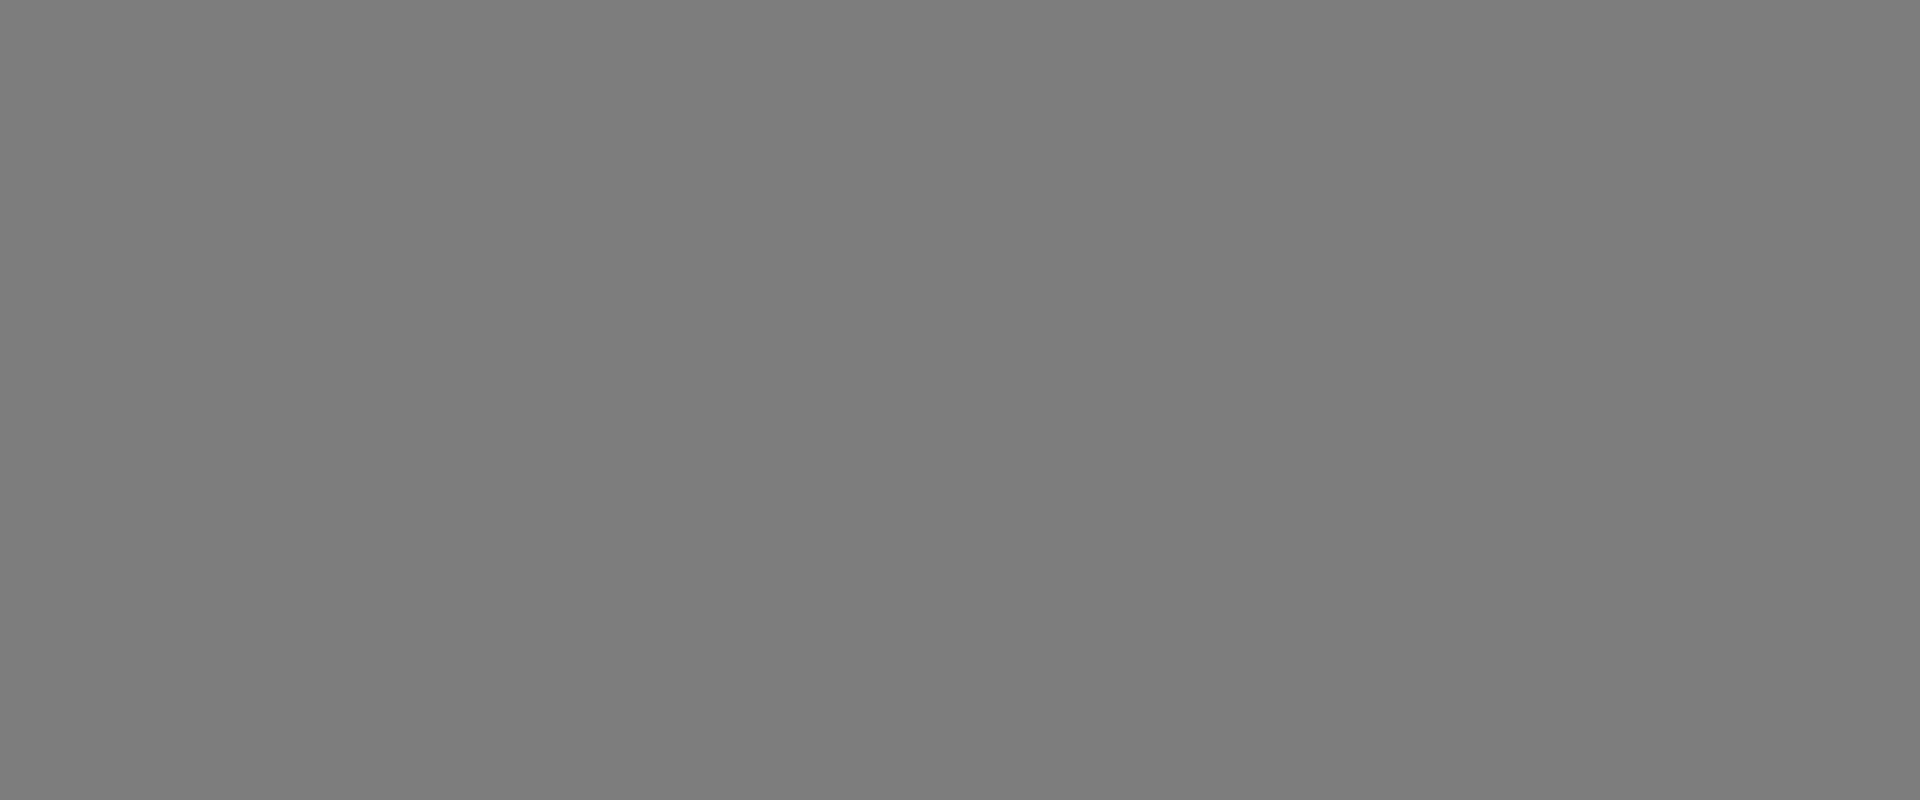 filter bg